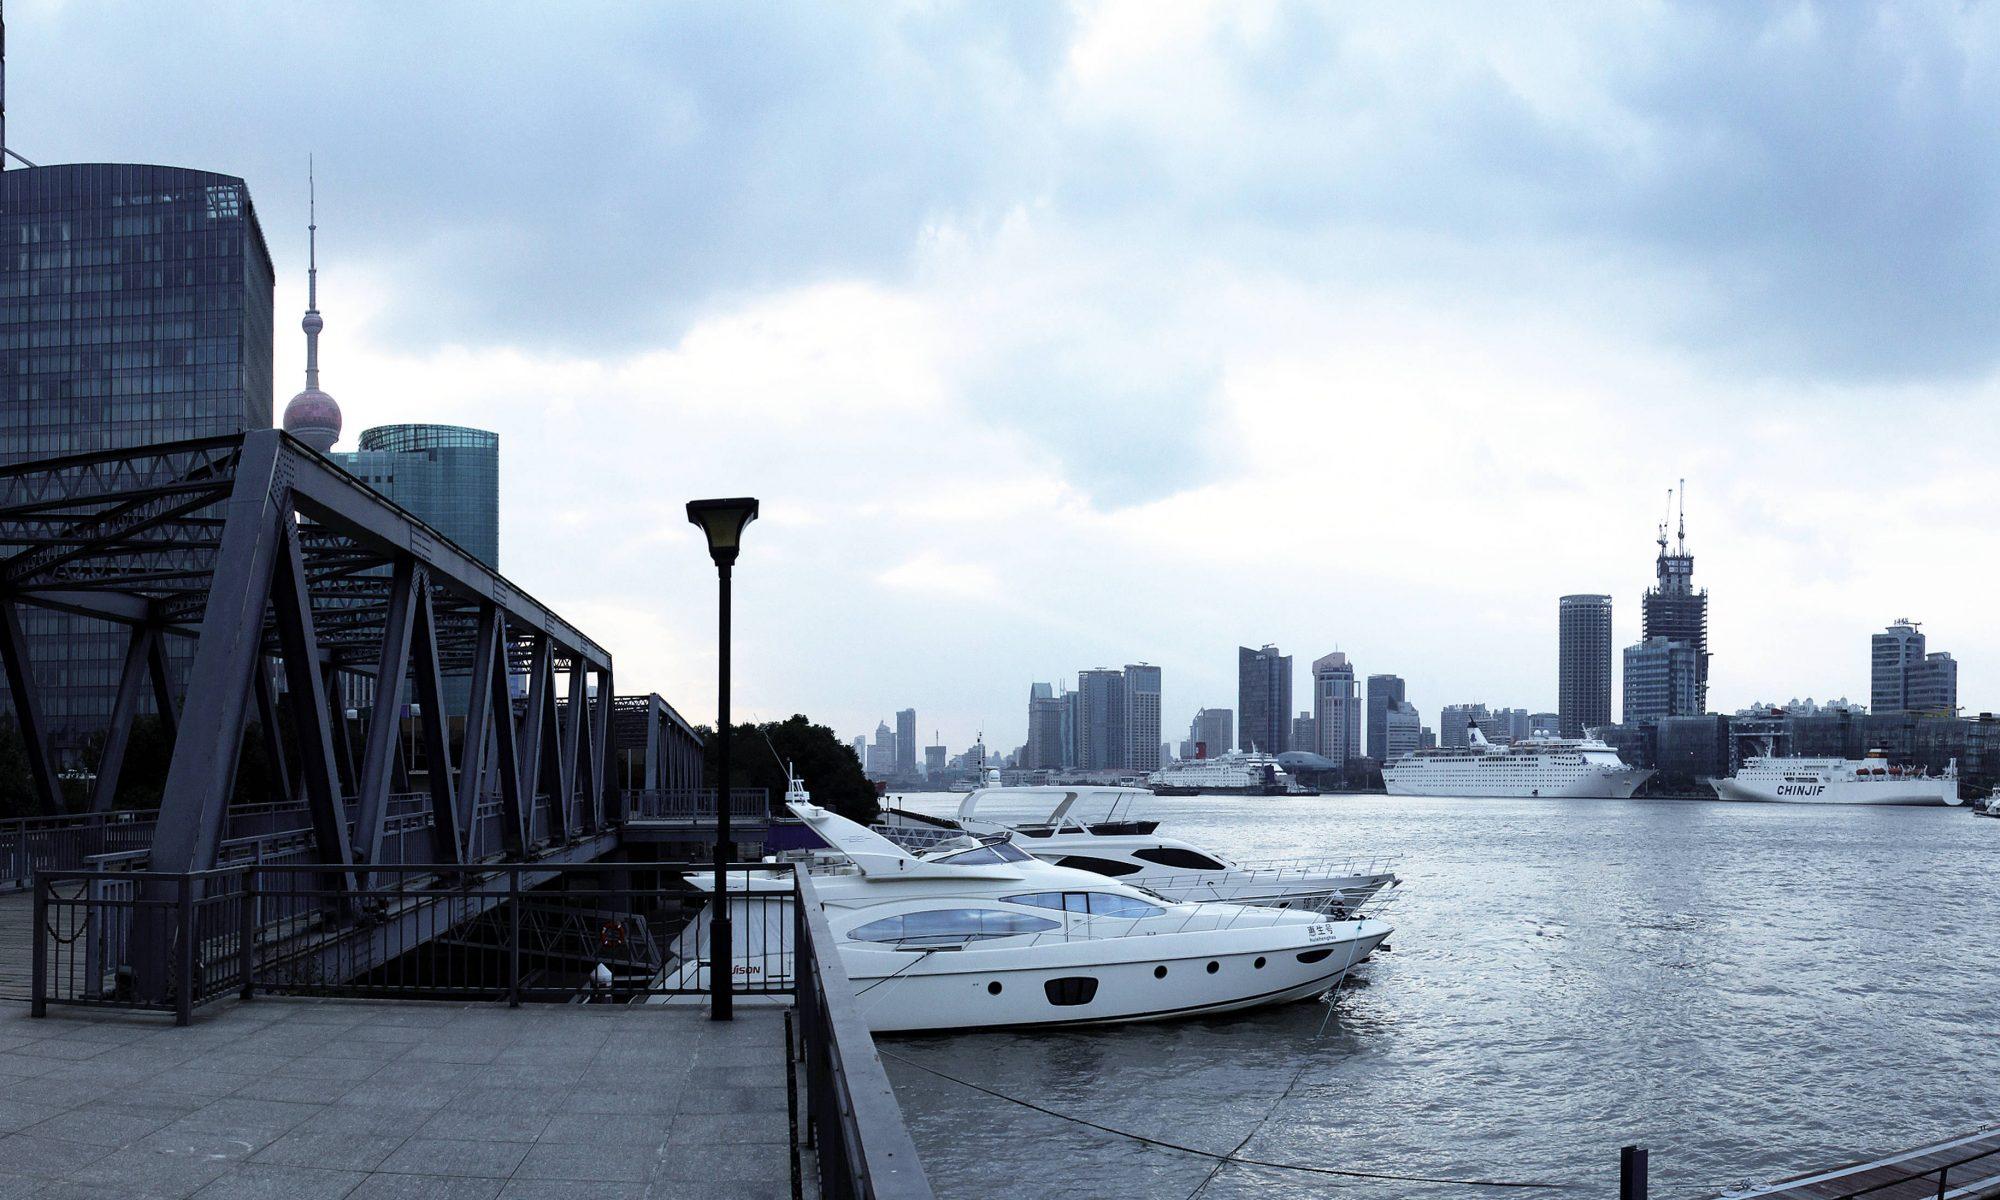 上海大都会游艇有限公司